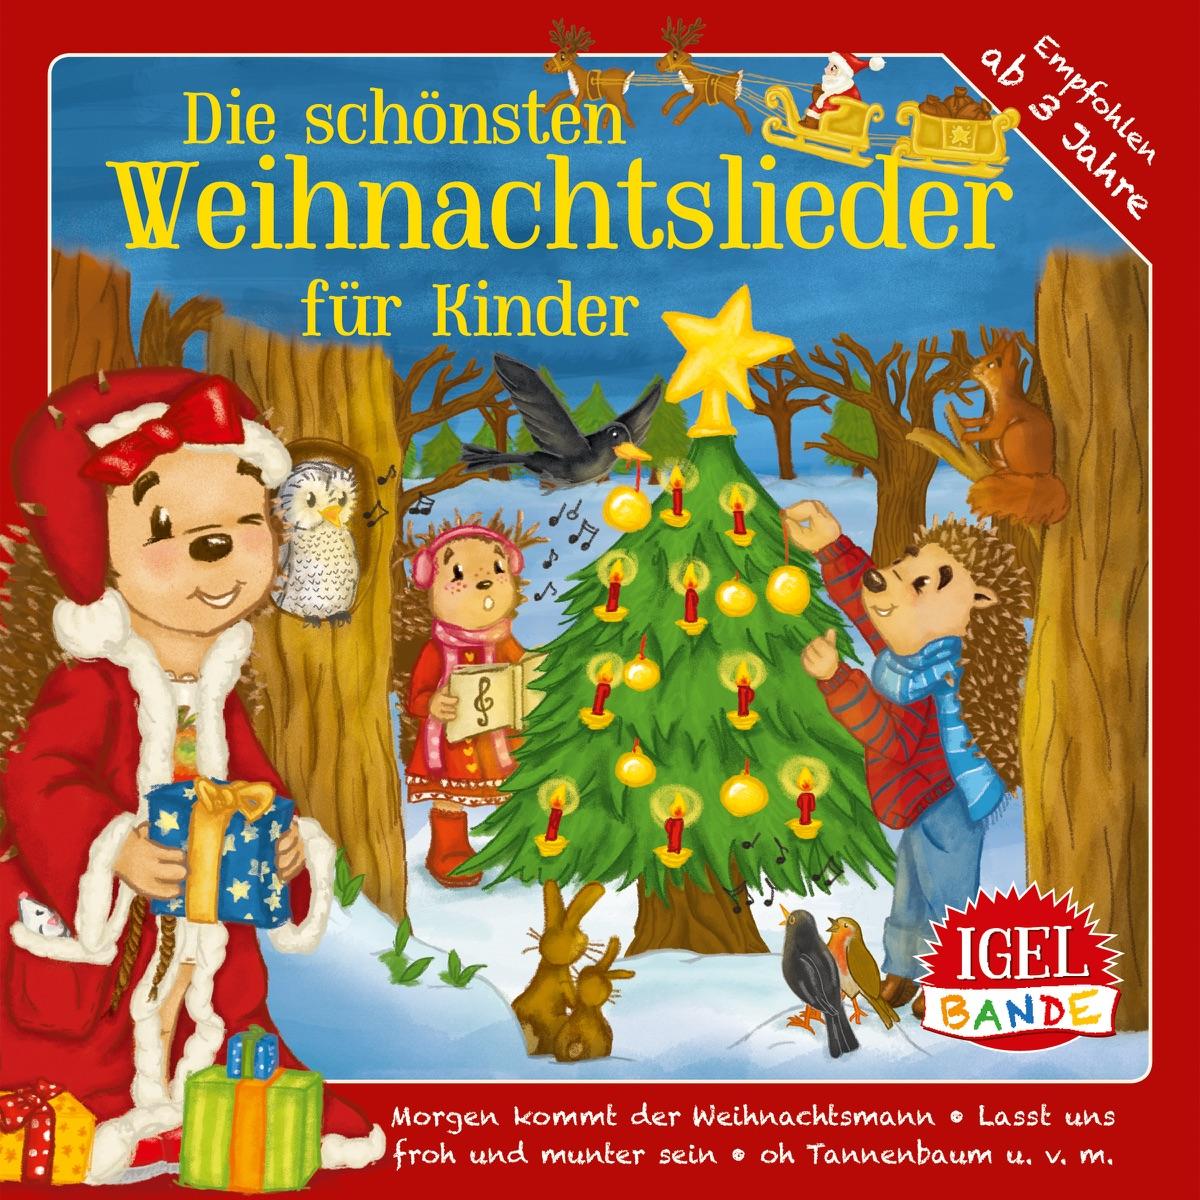 Die schönsten Weihnachtslieder für Kinder Album Cover by Igel-Bande